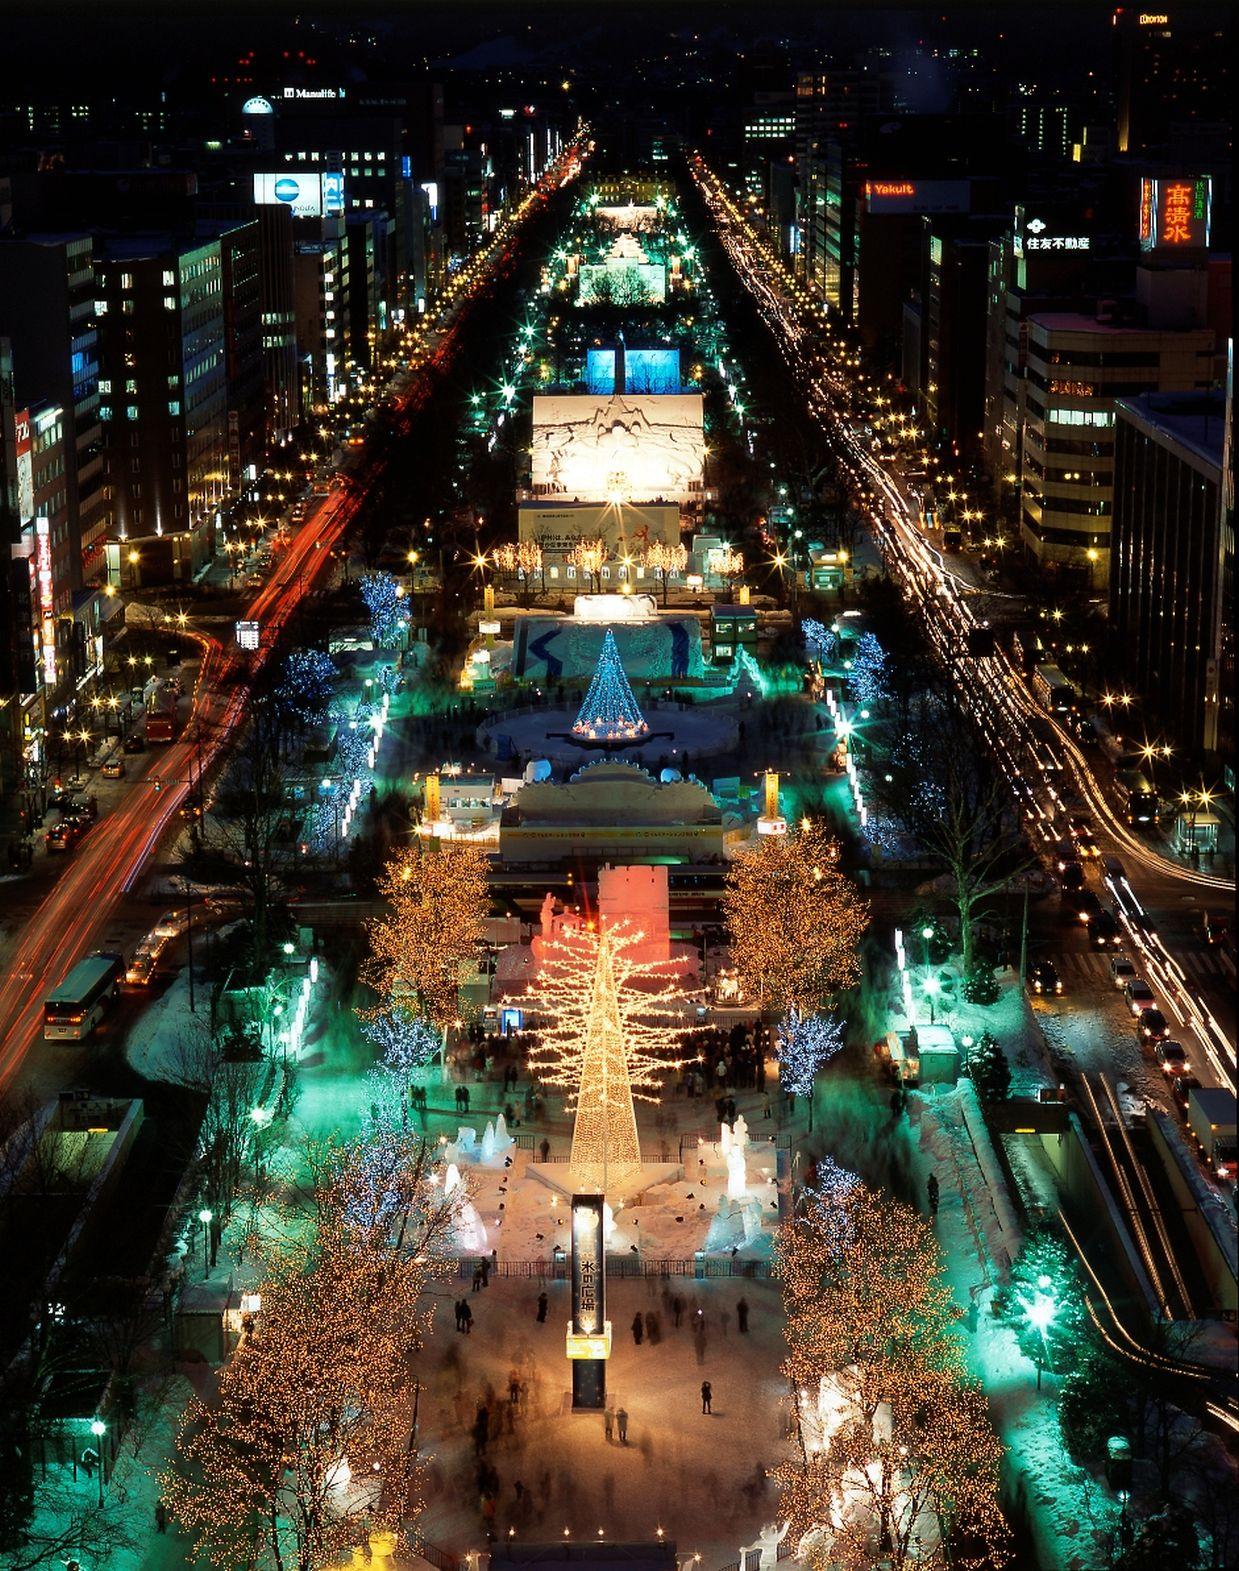 札幌雪祭り:北海道 旅行 北海道へ行こう